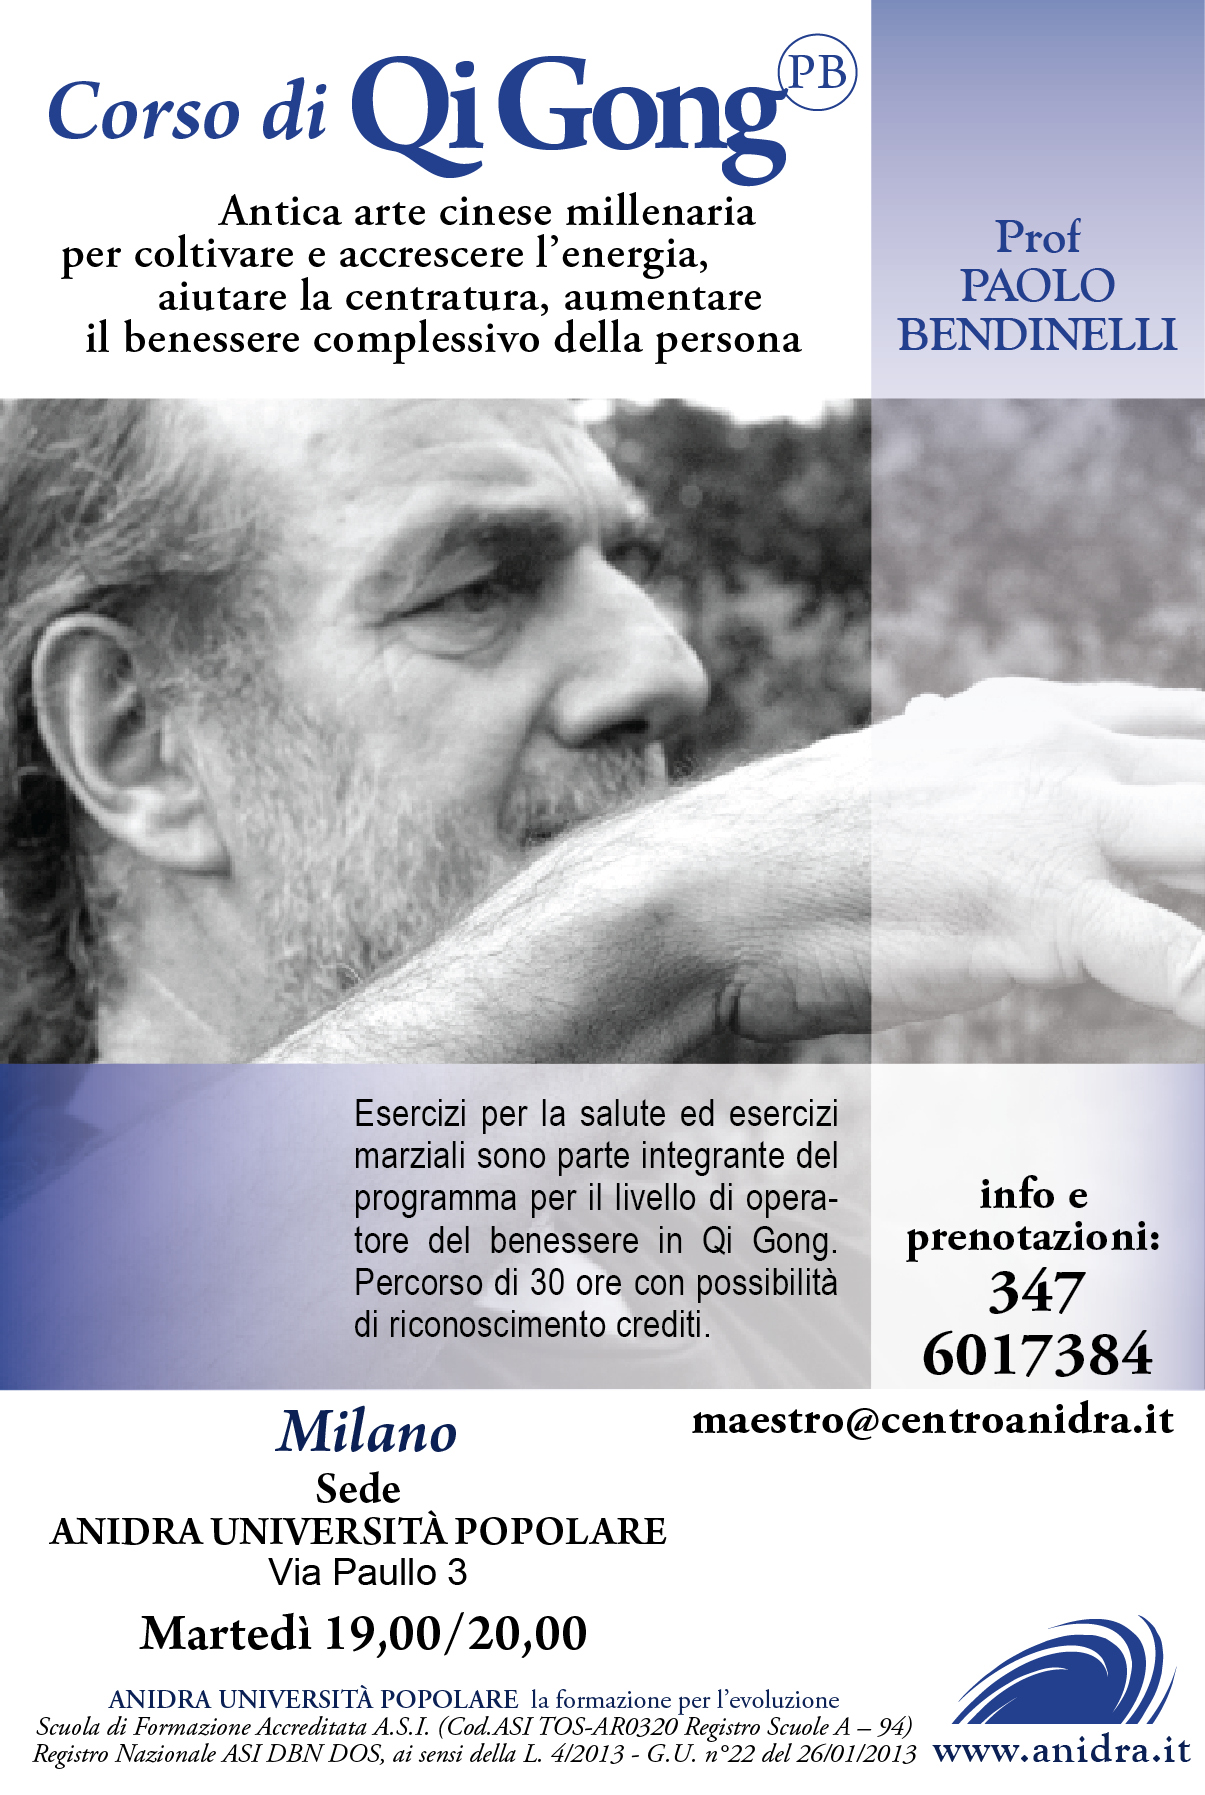 Nuovo corso di qi gong a milano for Corso di grafica milano